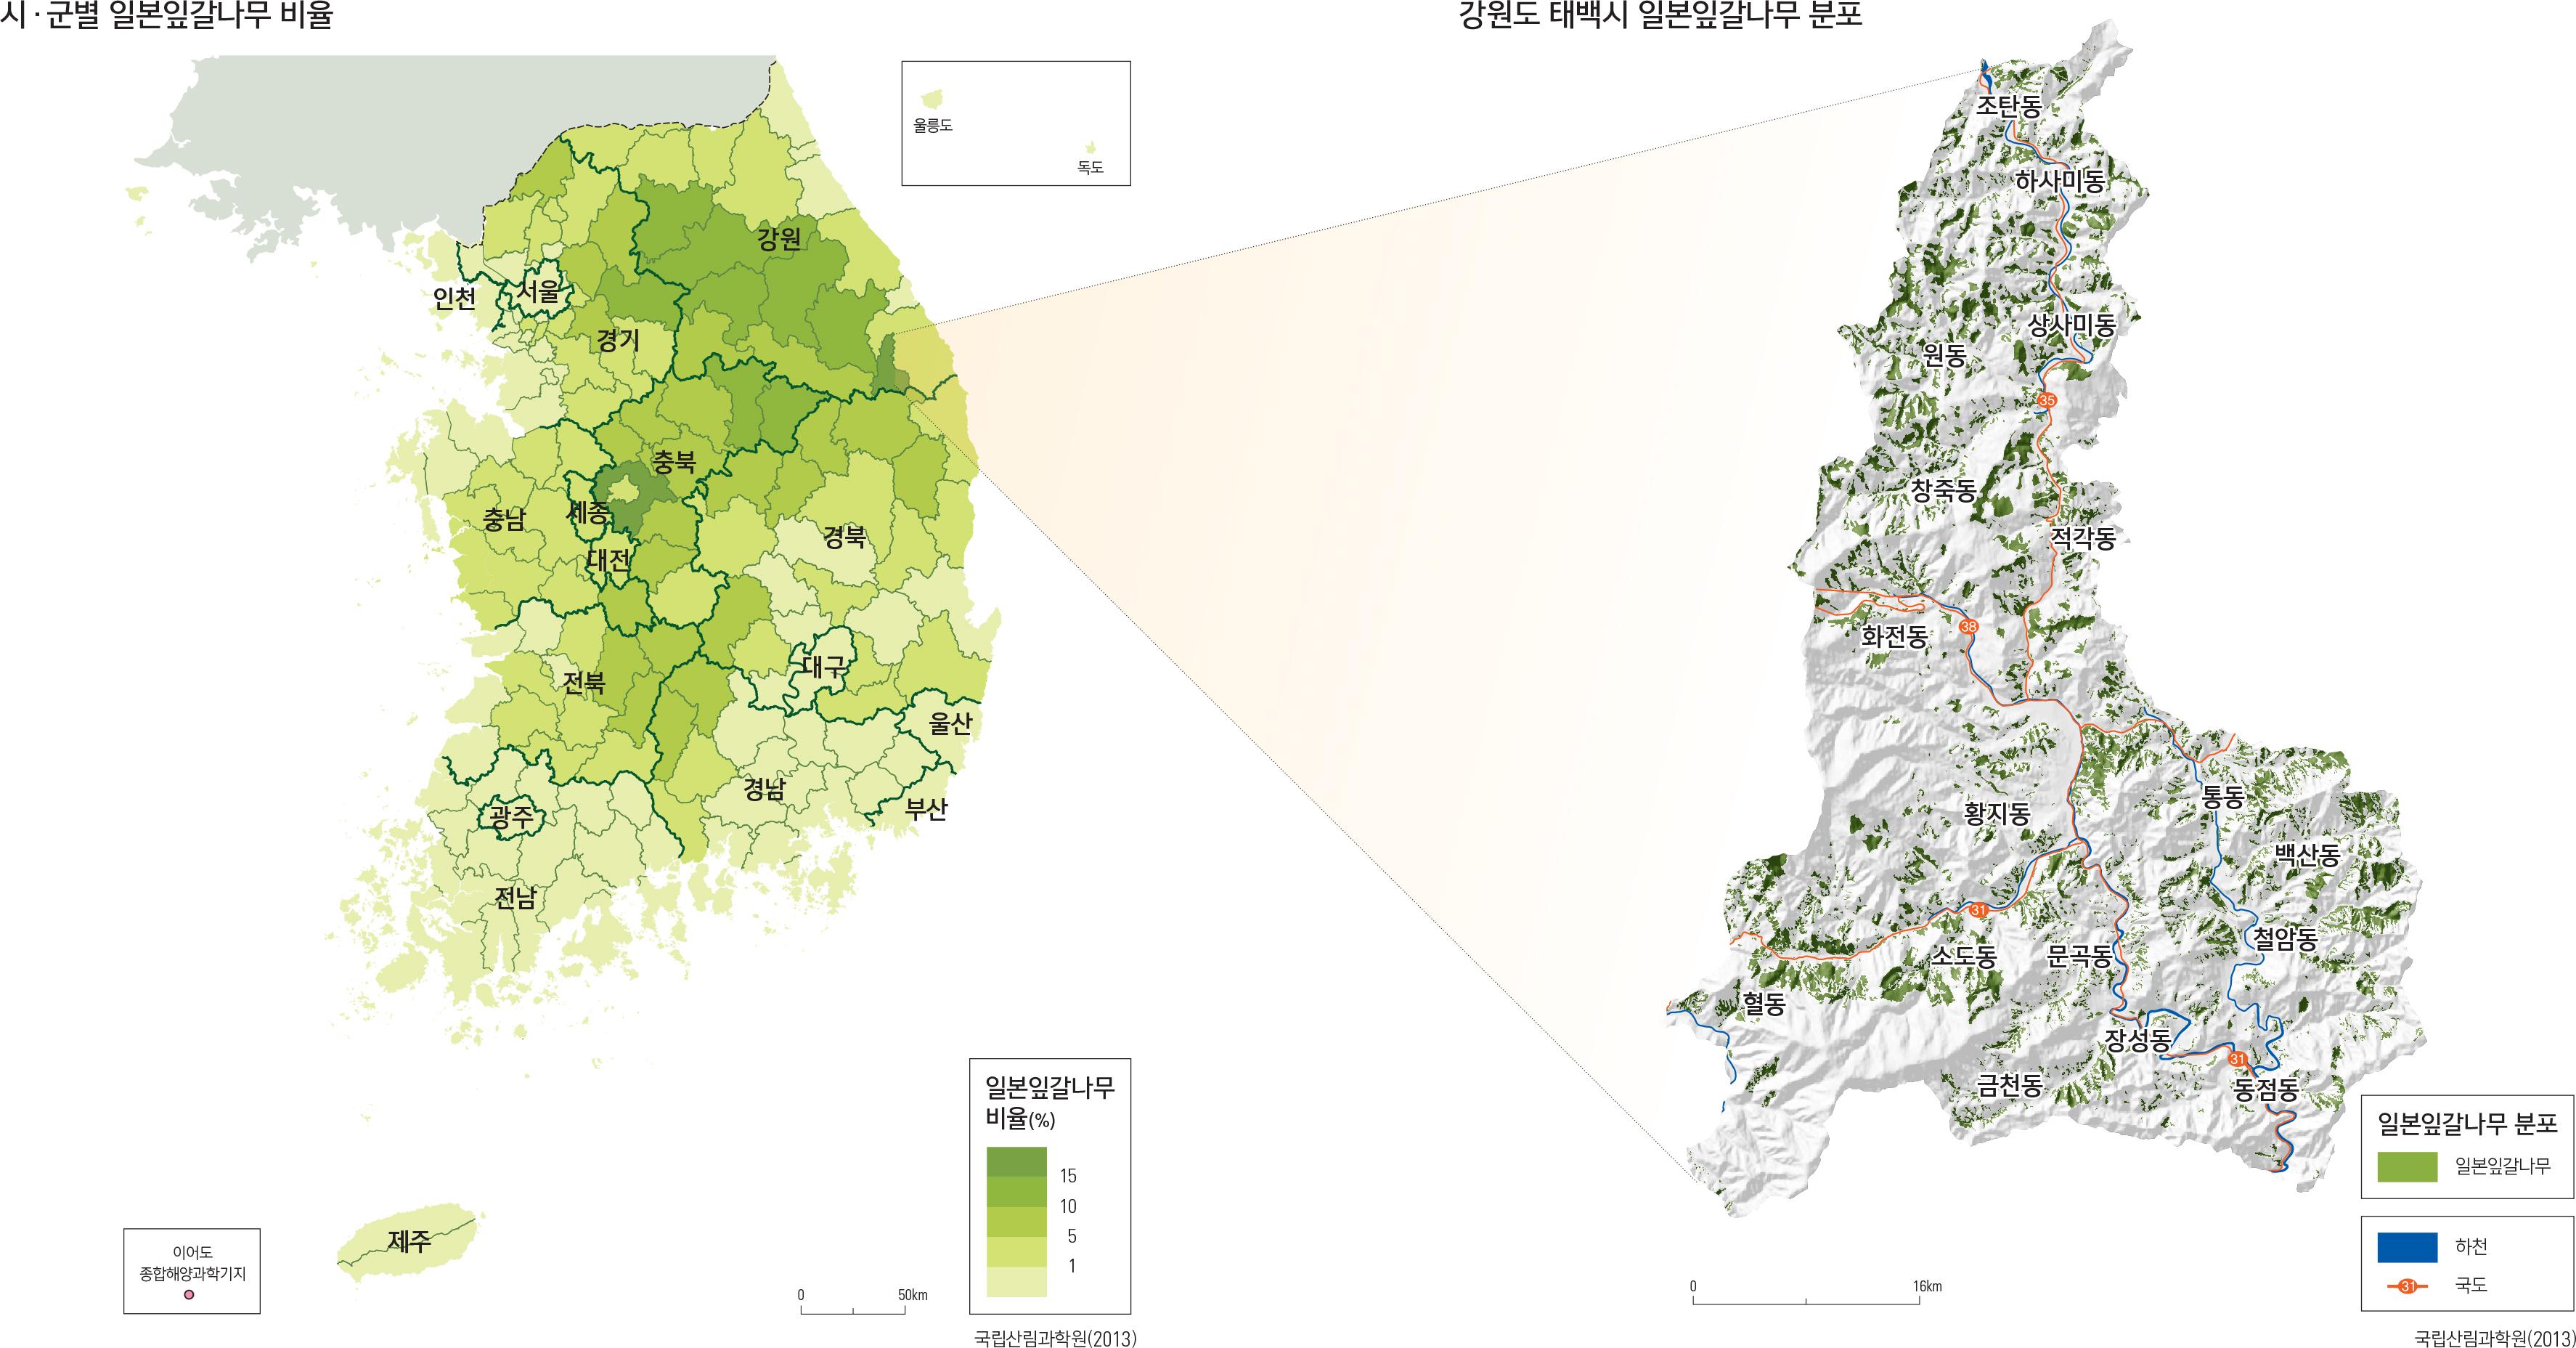 시·군별 일본잎갈나무 비율   /   강원도 태백시 일본잎갈나무 분포강원도 태백시 일본잎갈나무 분포